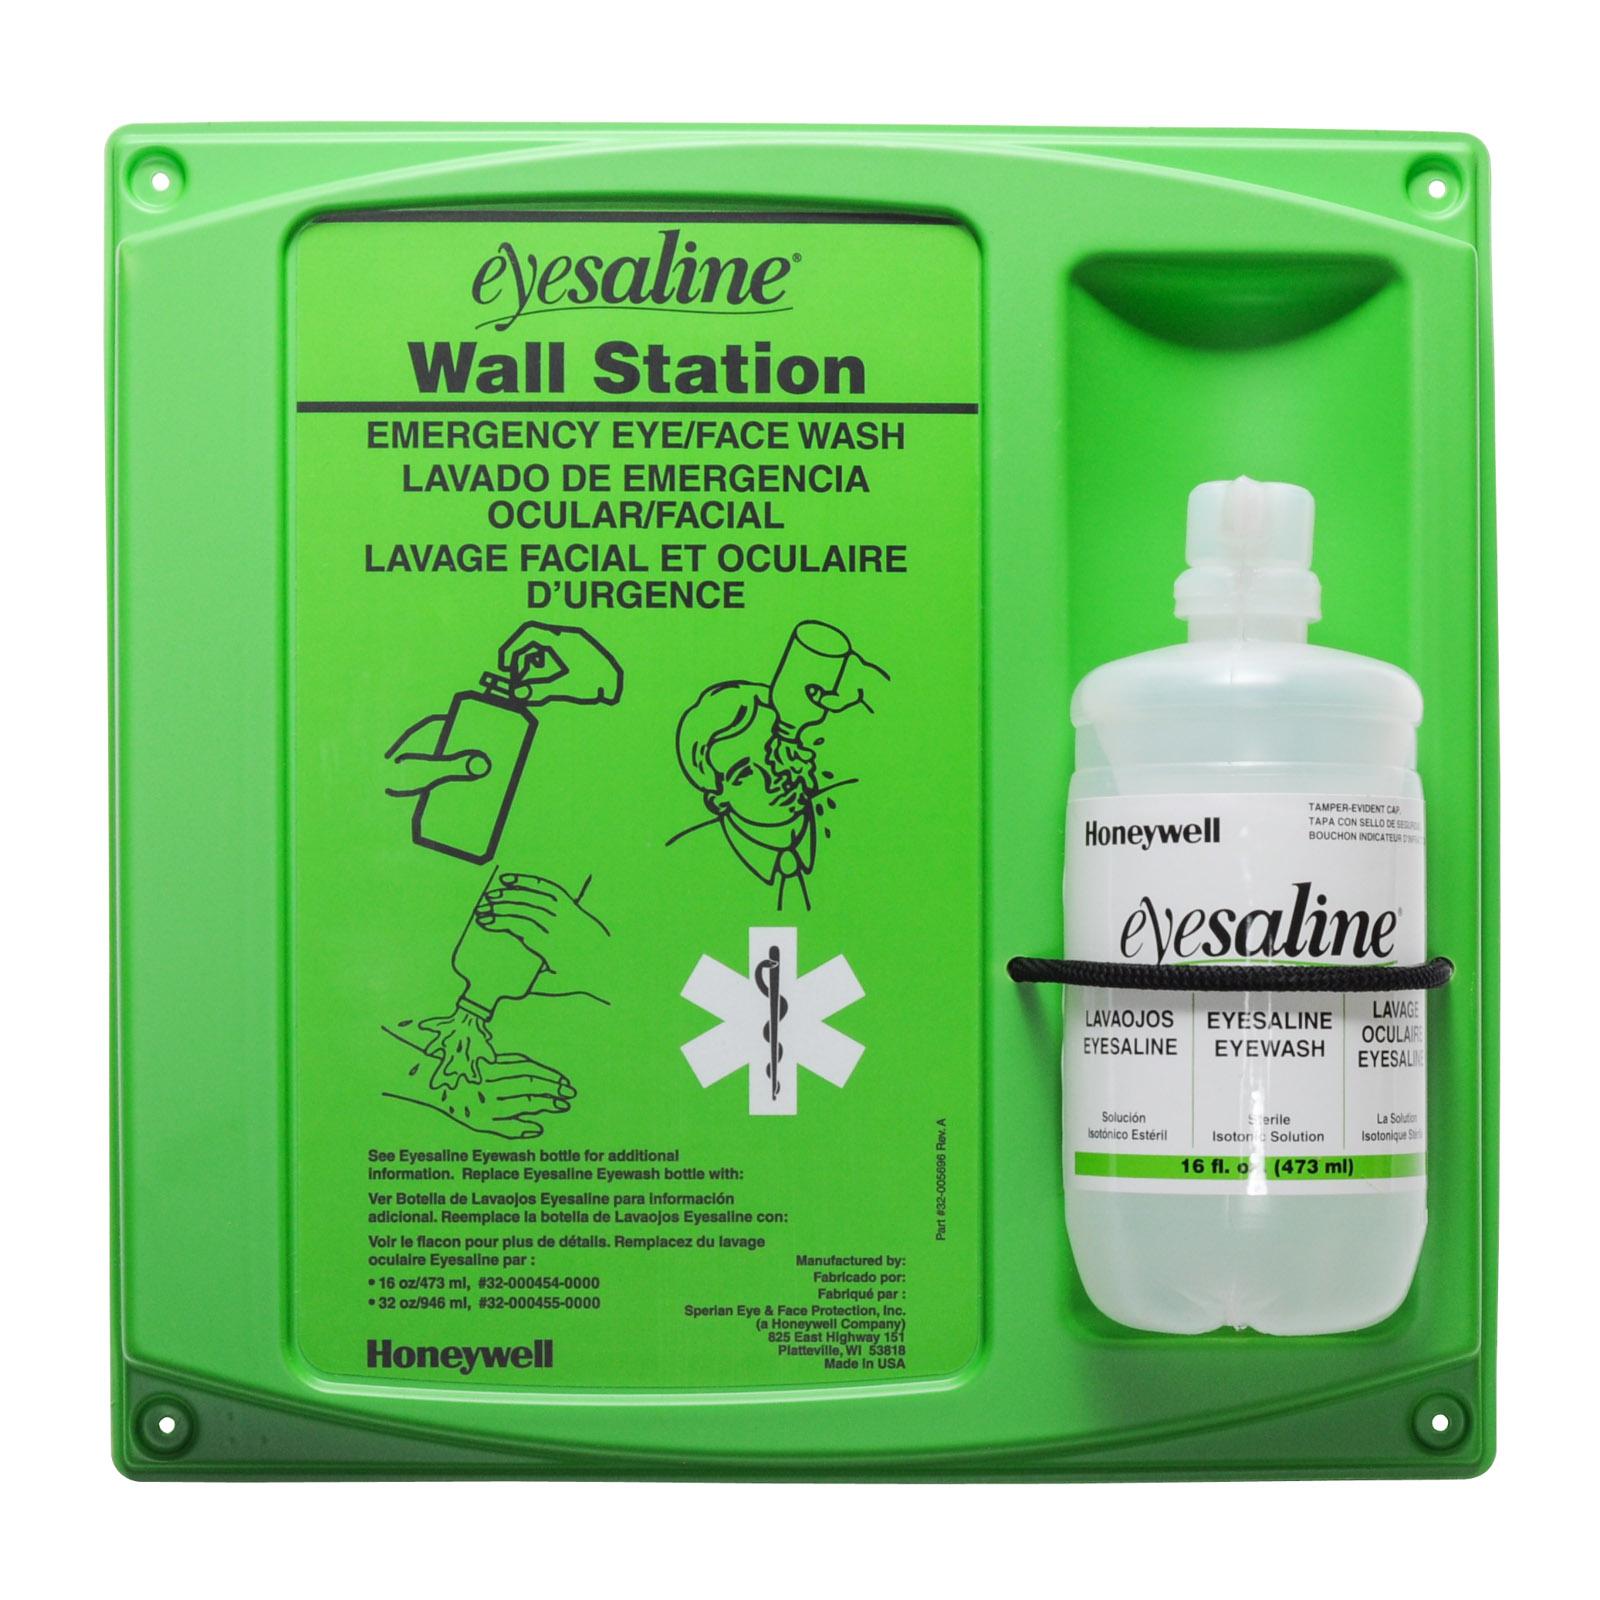 Eyesaline Eye Wash Station 16 Oz   MFASCO Health & Safety